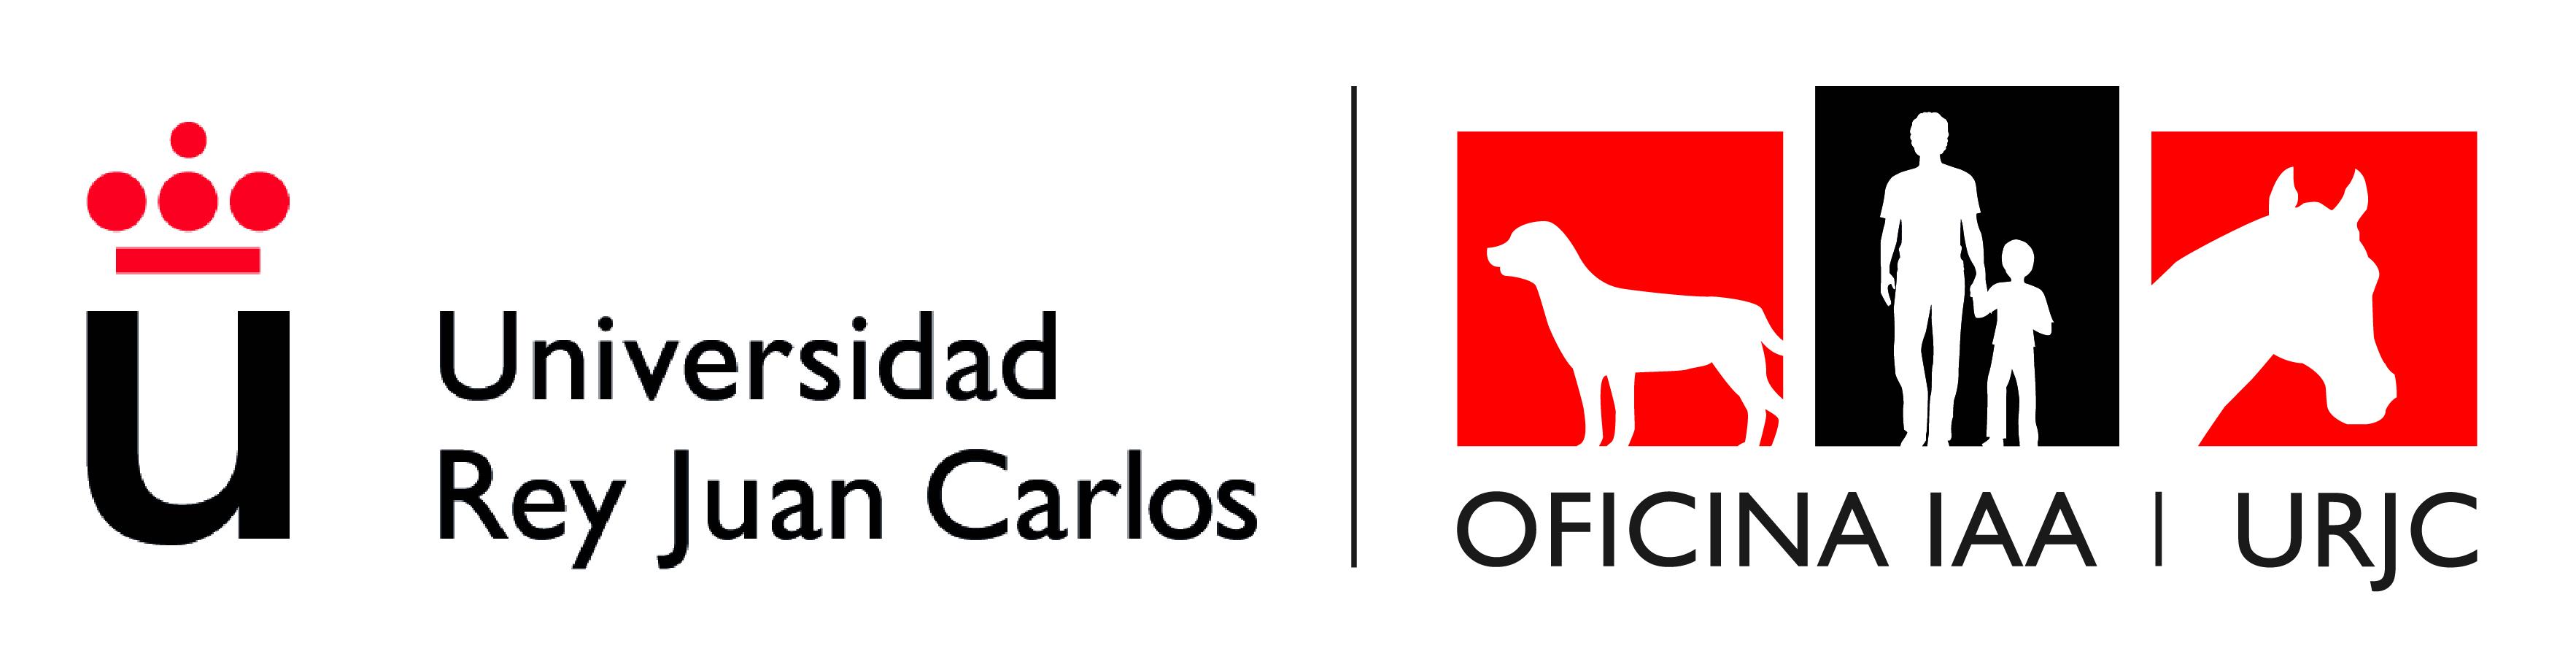 OFICINA INTERVENCIONES ASISTIDAS CON ANIMALES URJC